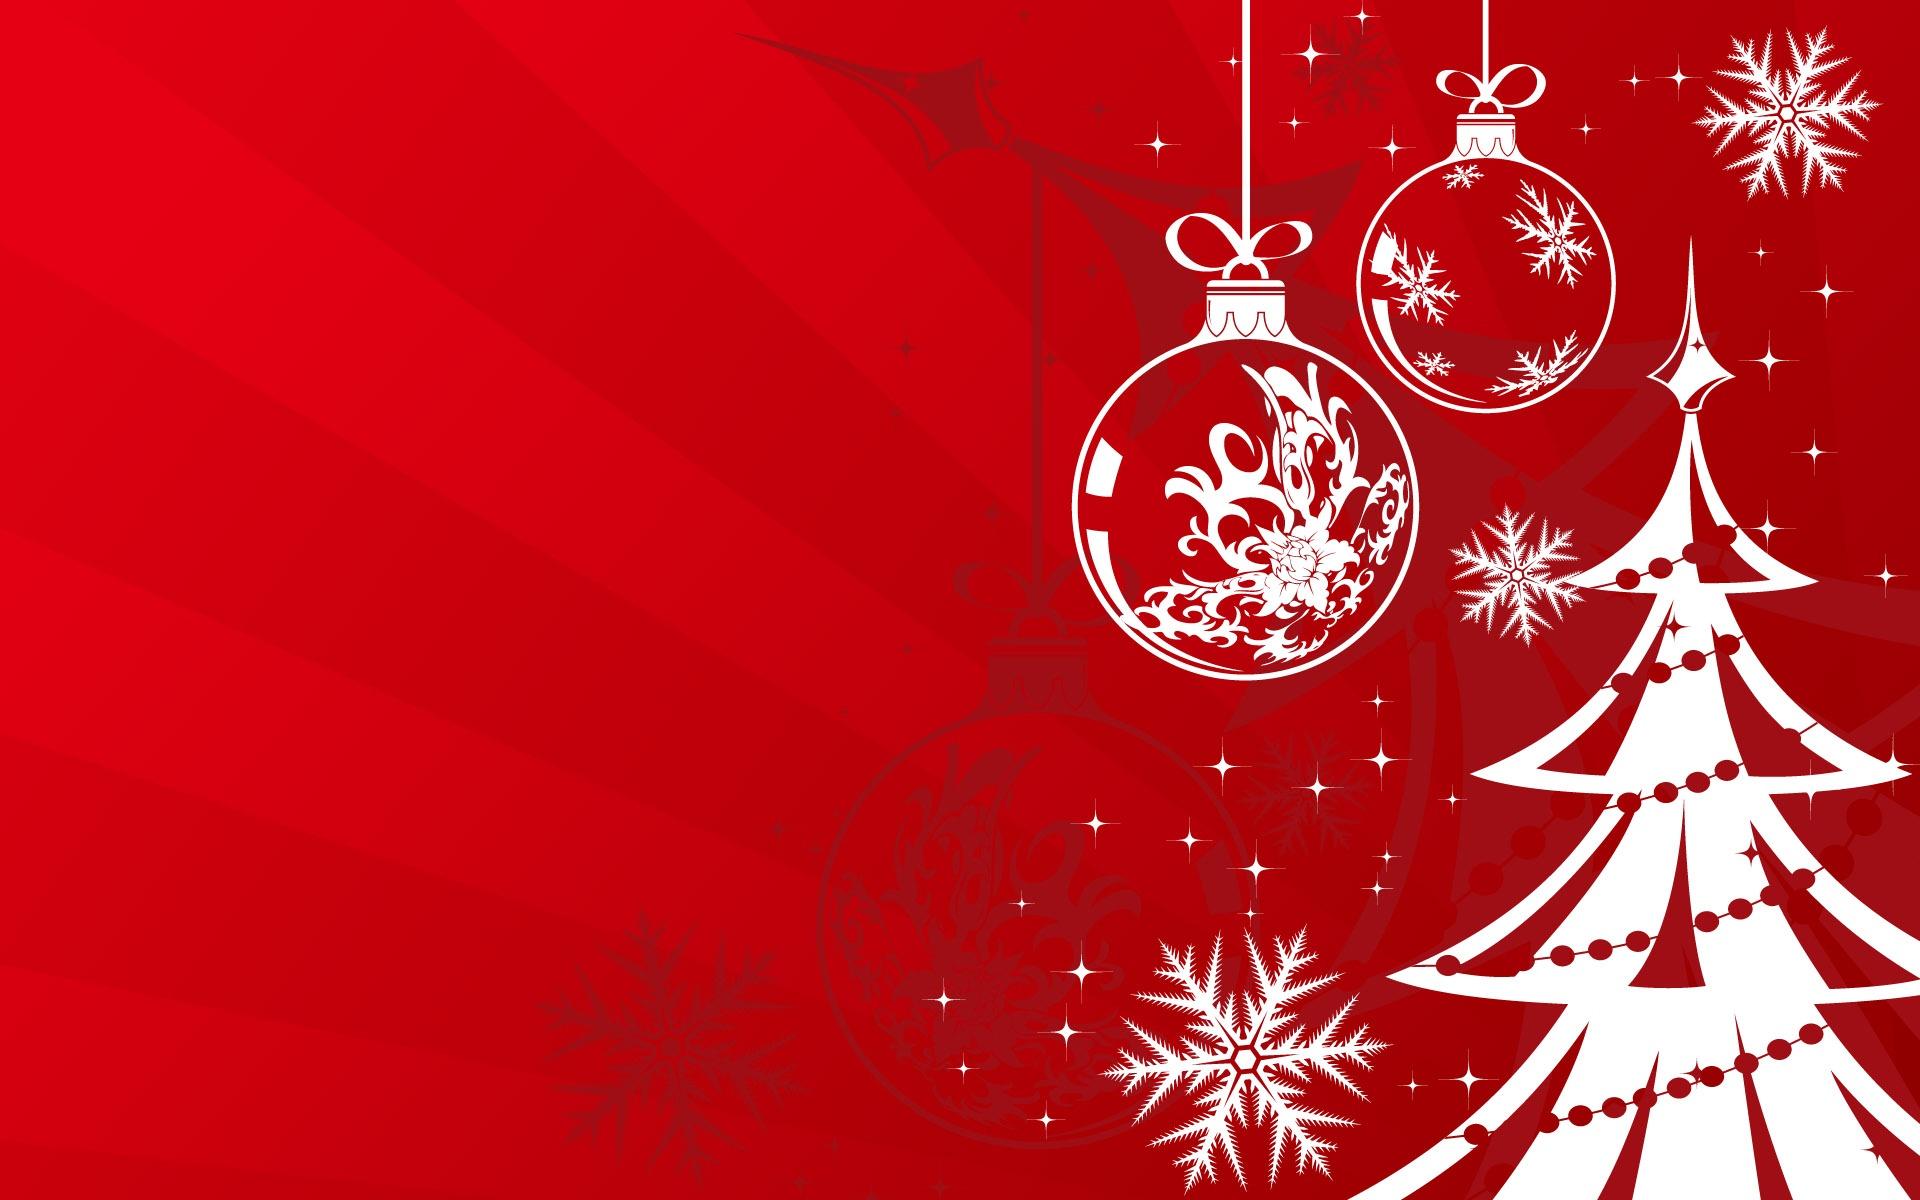 Immagini Per Il Natale.Alcamo Feste Di Natale Tra Tradizione E Spettacoli Alpauno